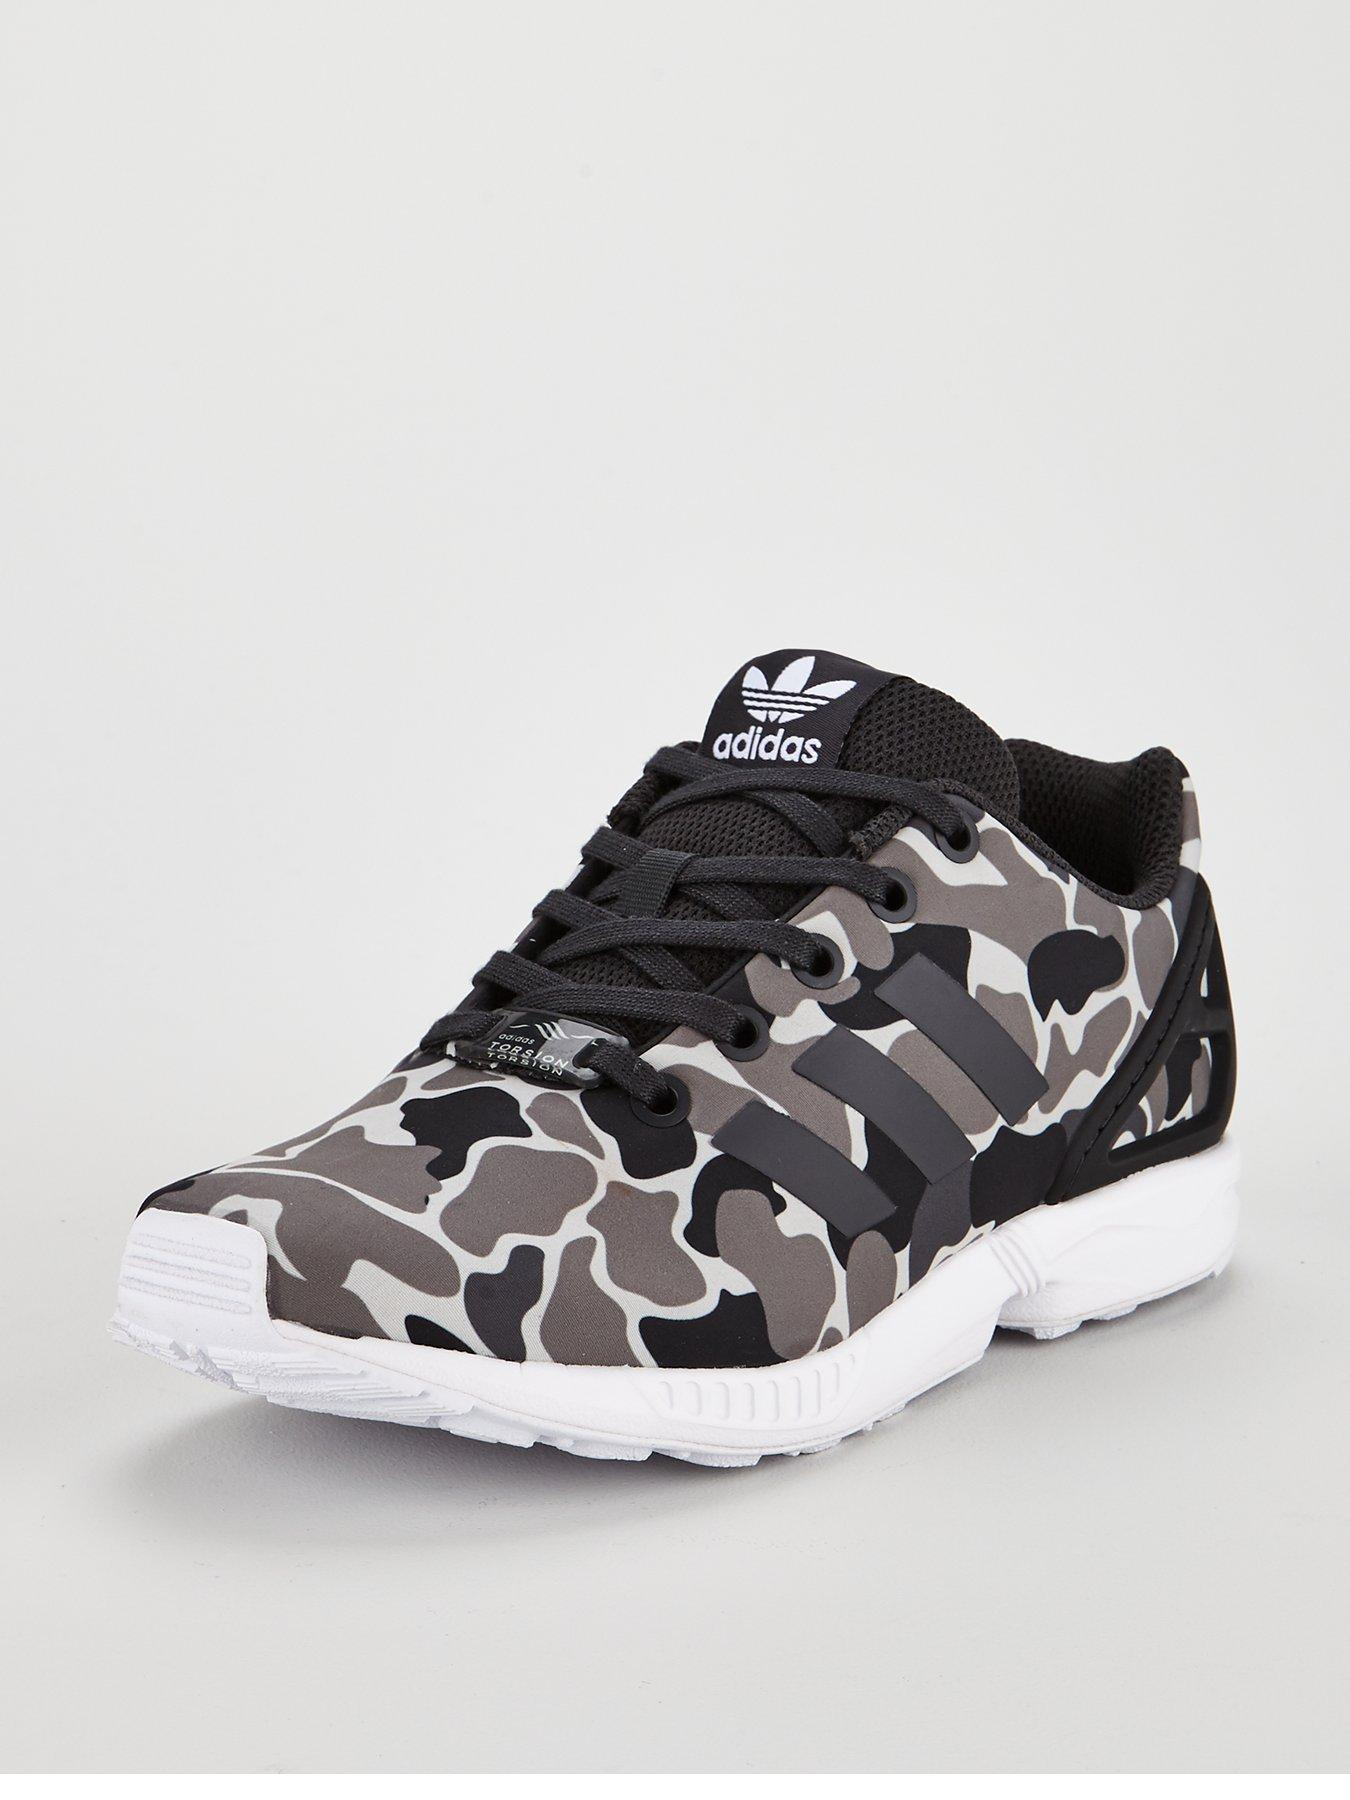 6a9d0e72b5eac ... discount adidas originals zx flux junior trainer camo d687d 495f8